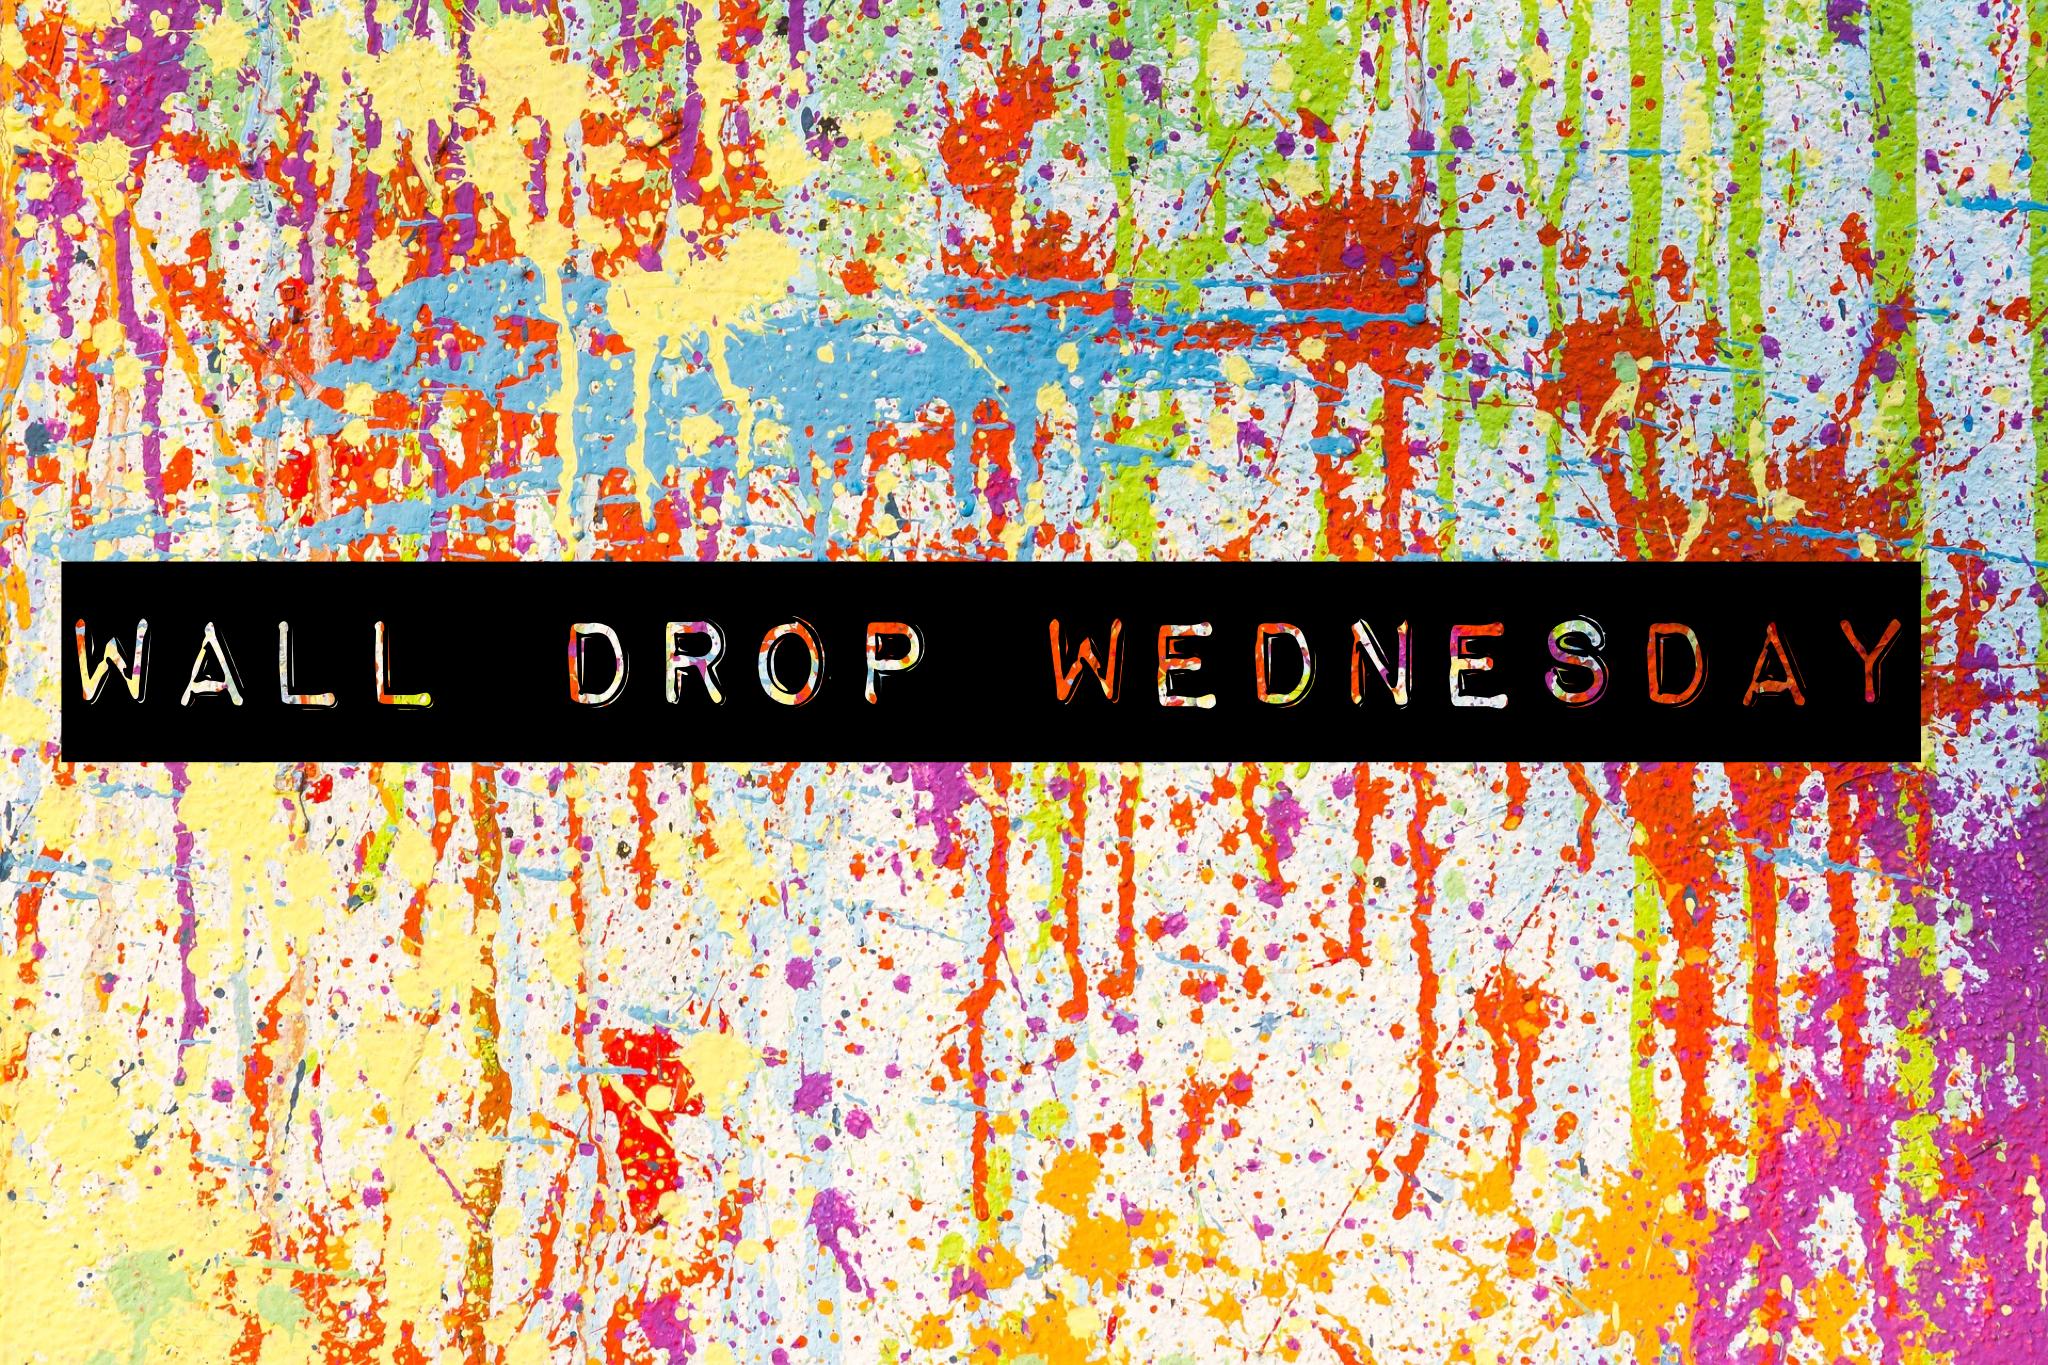 Wall Drop Wednesday Graphic Paparazzi Jewelry